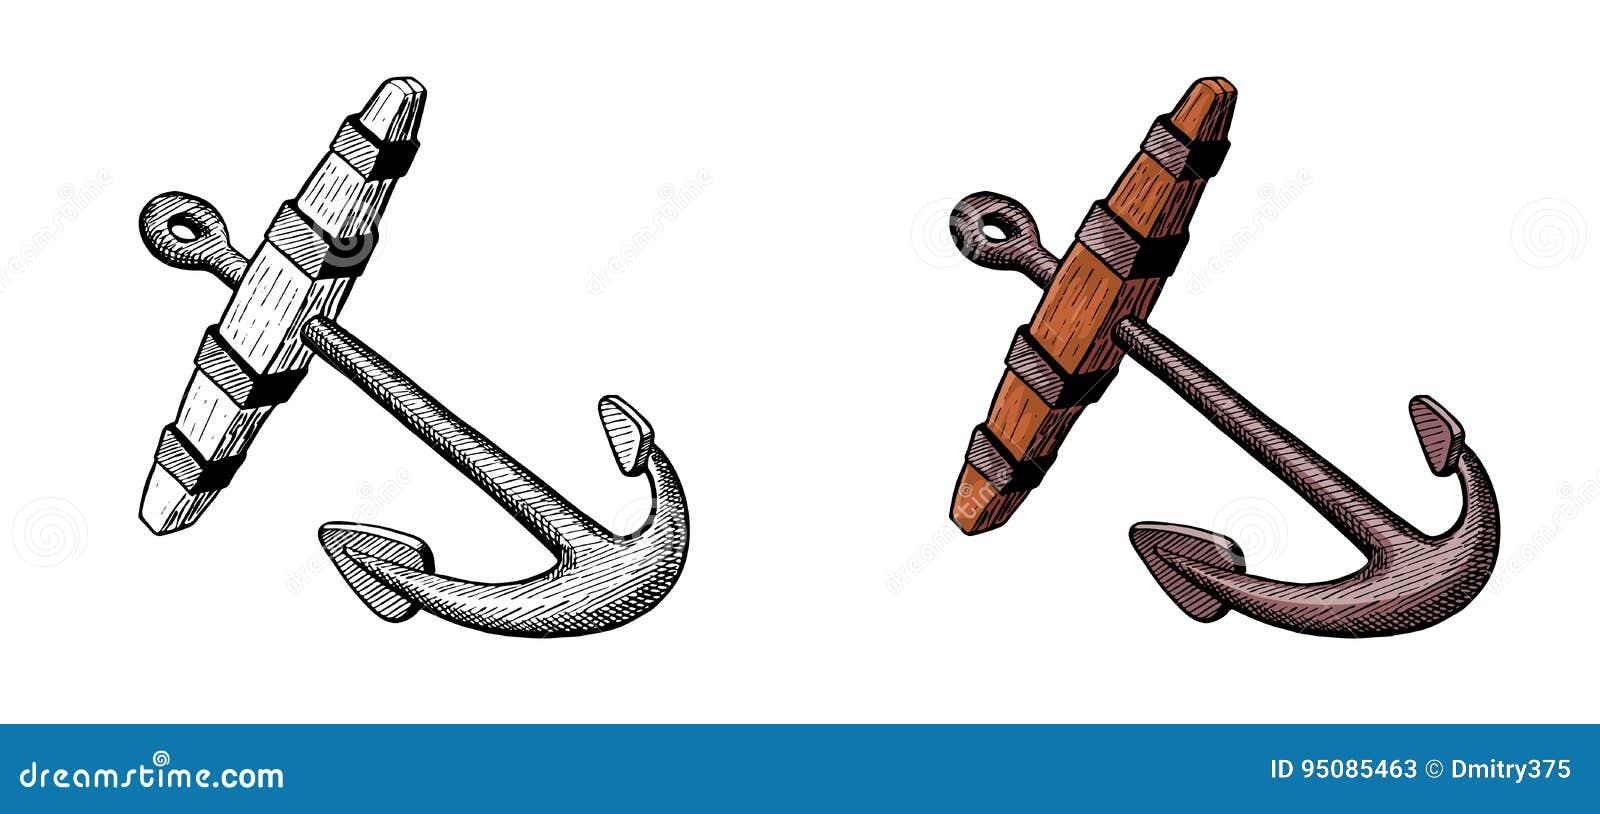 Vieille ancre pour le bateau de navigation dessin d 39 encre de main illustration de vecteur - Dessin ancre bateau ...